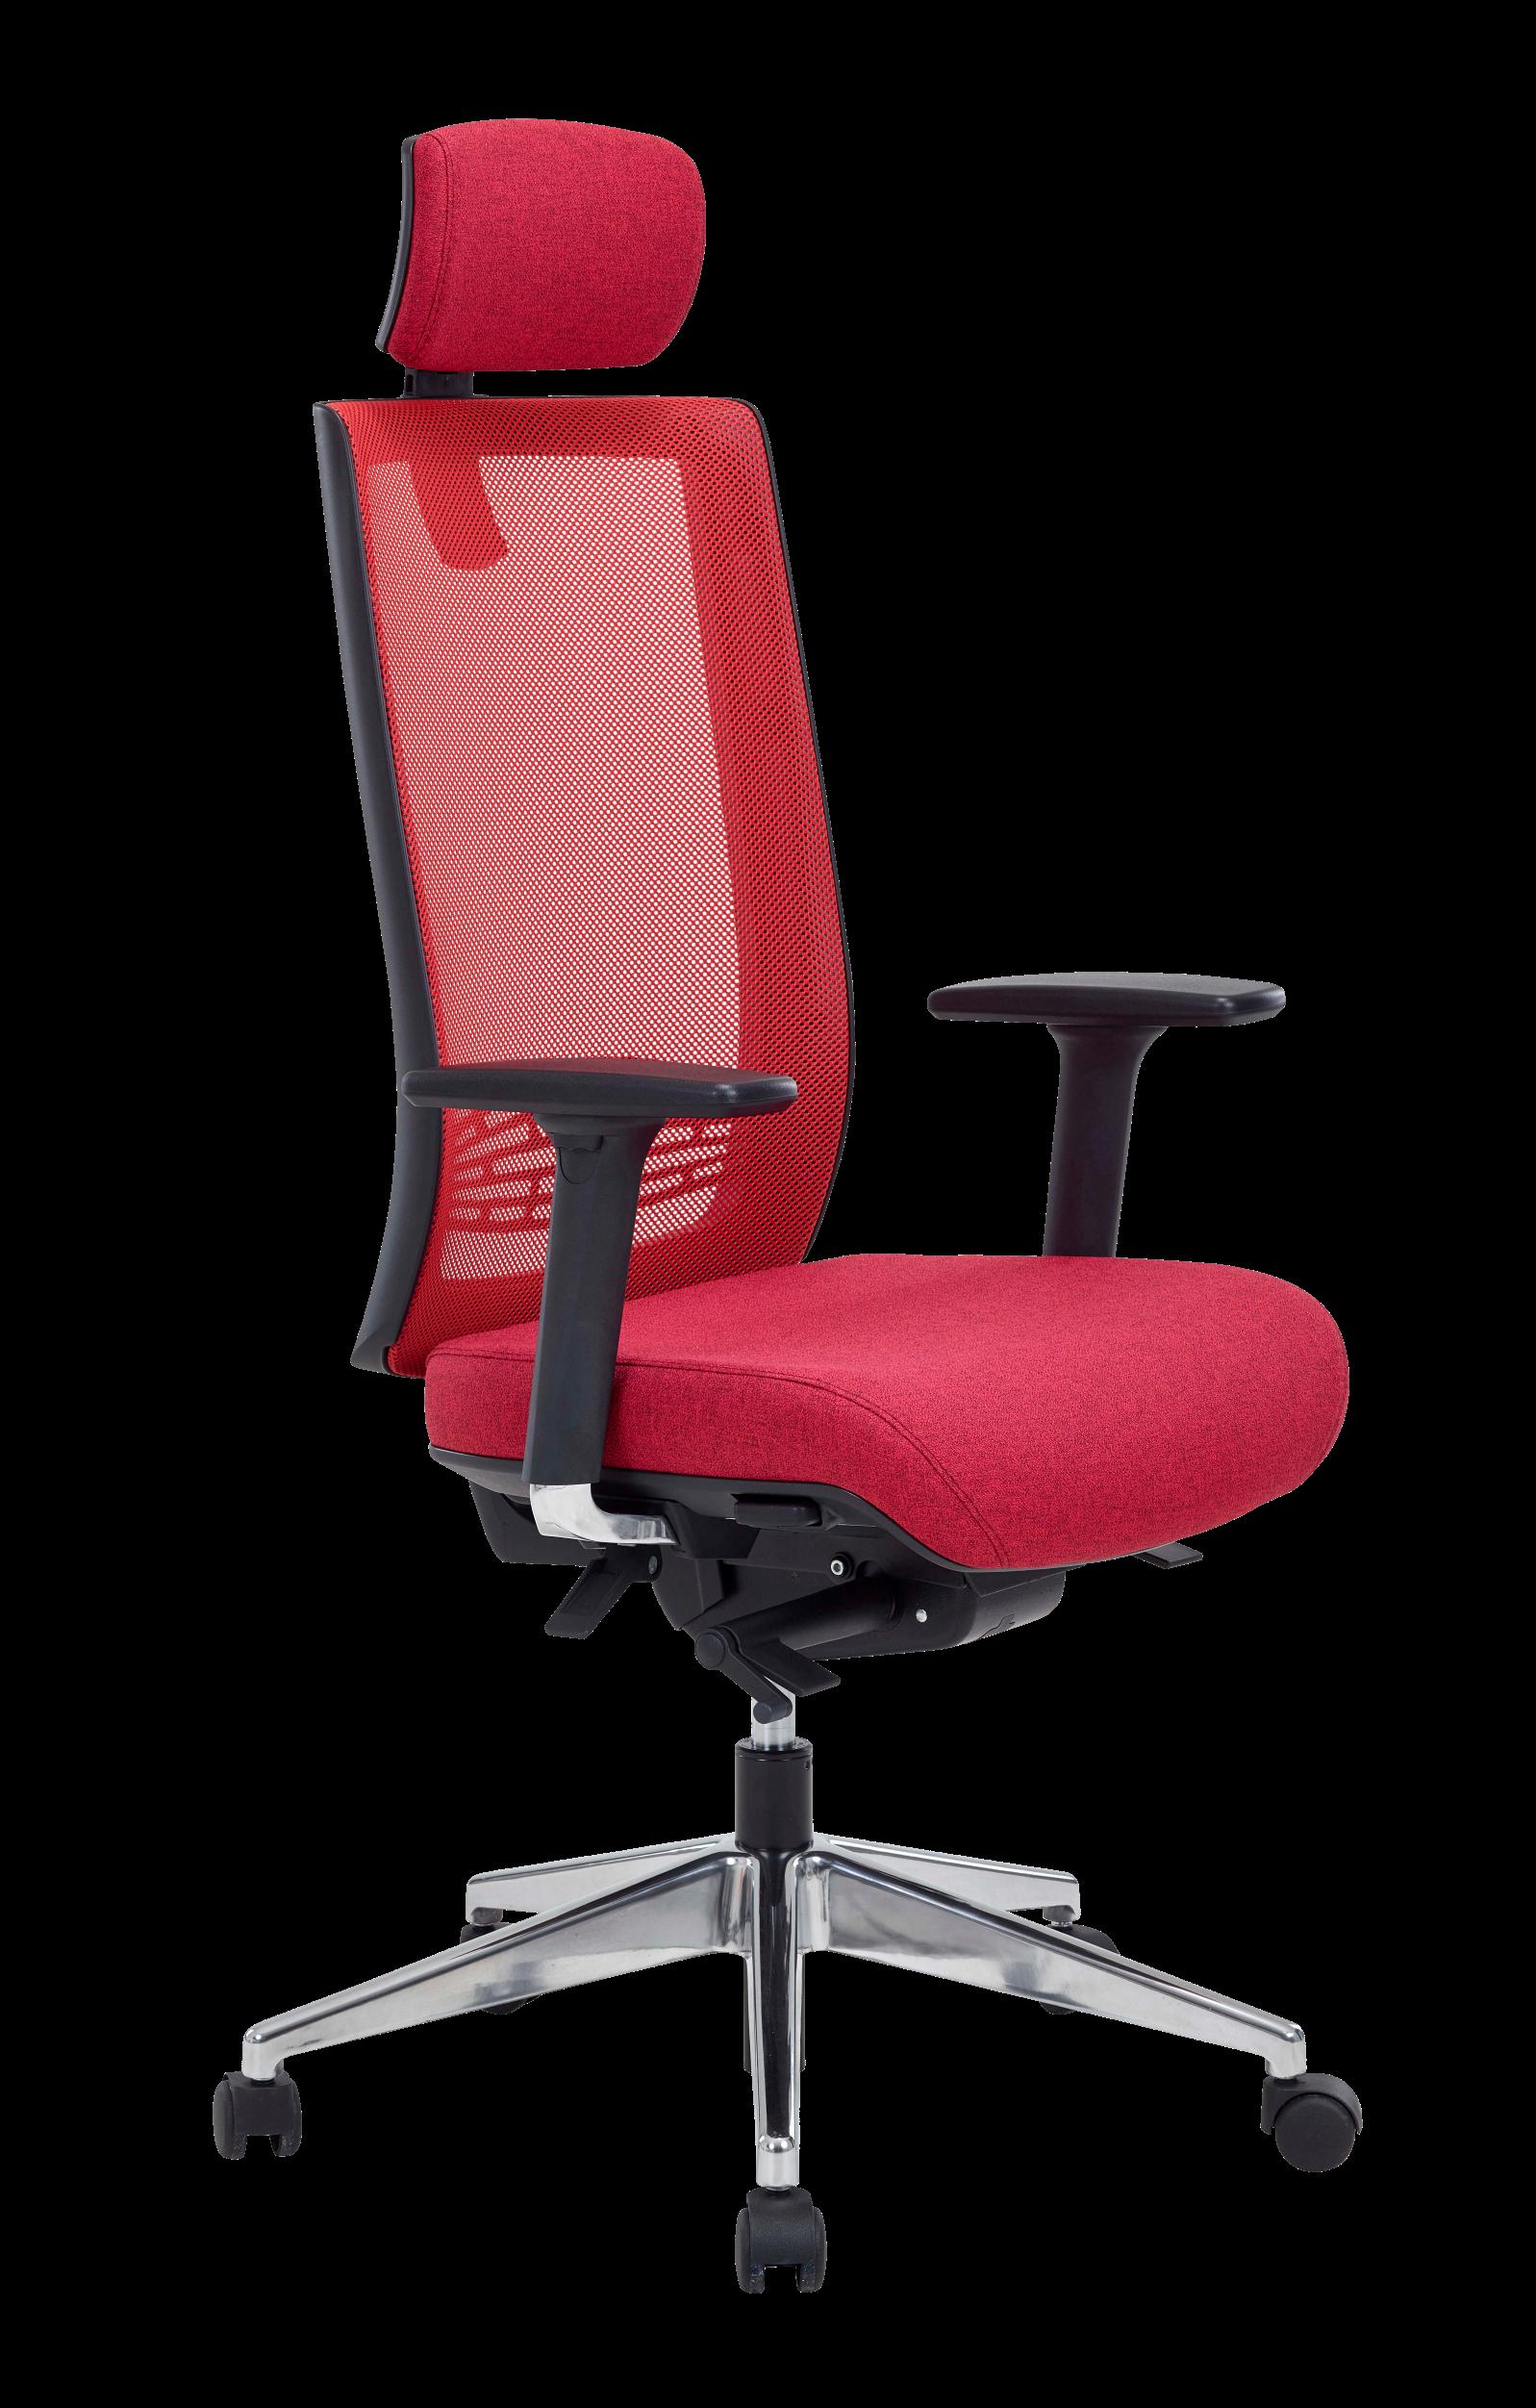 Sitek - Yvan with headrest